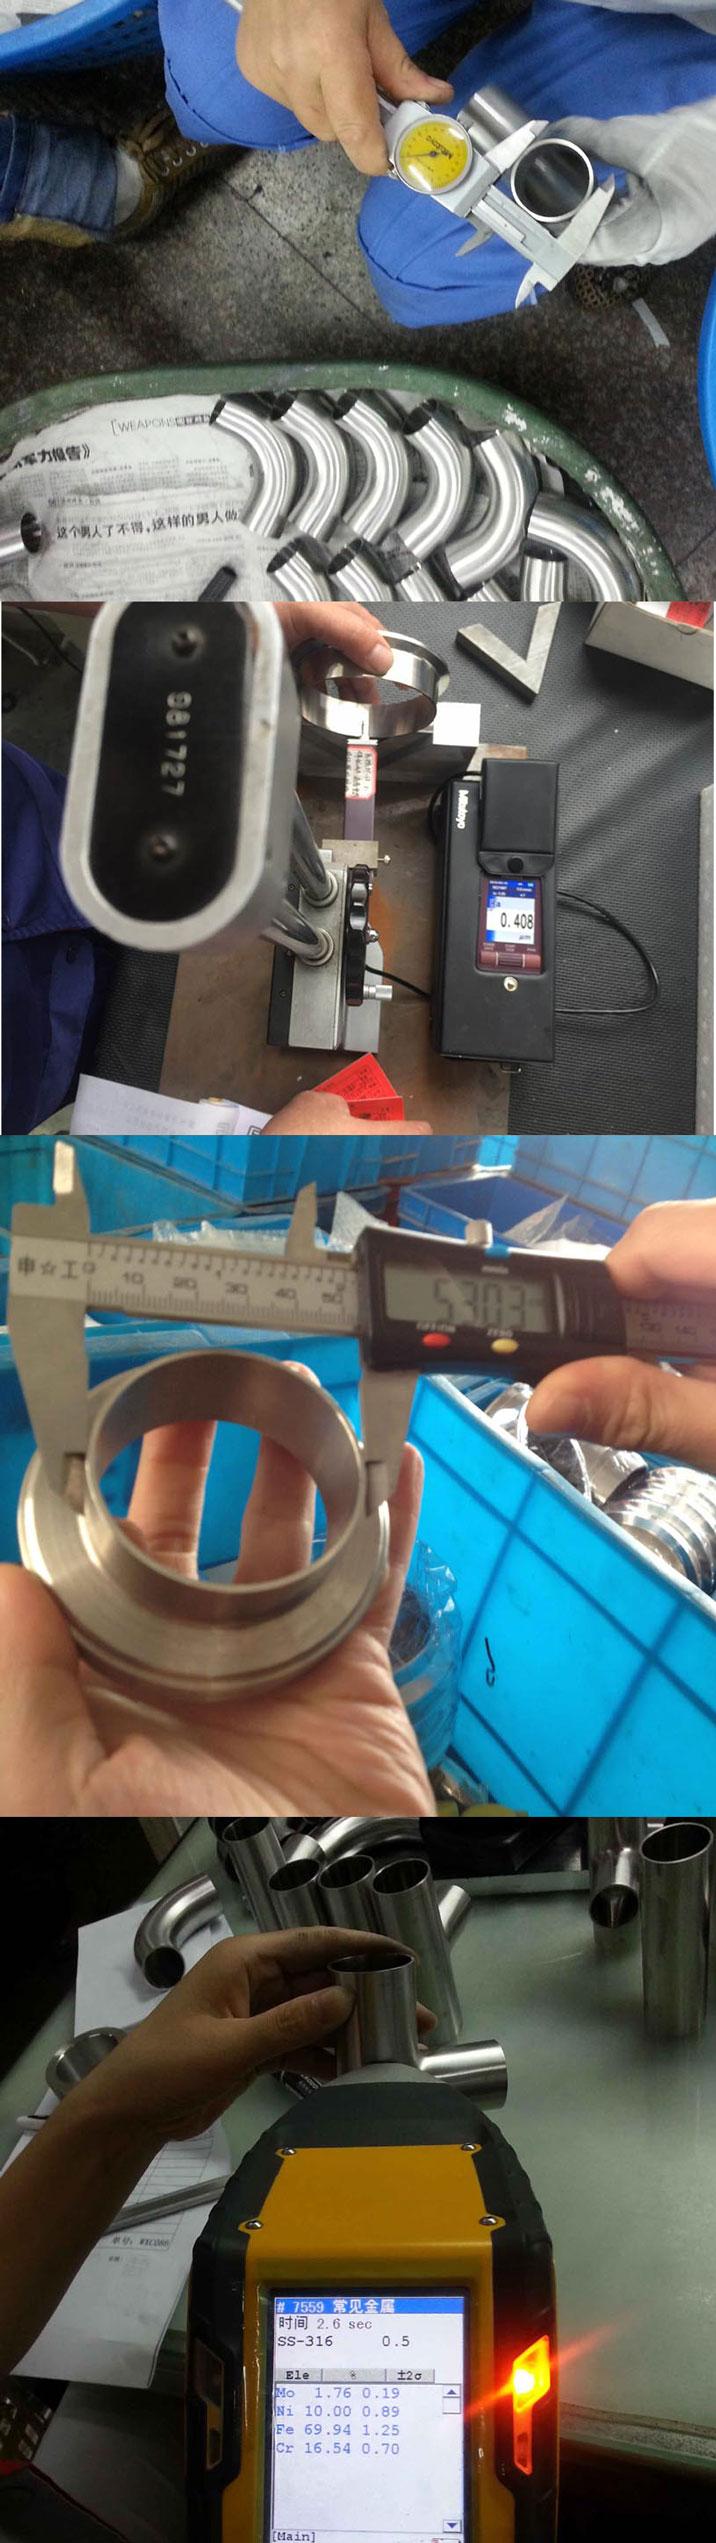 Stainless Steel Sanitary Valves (SV)